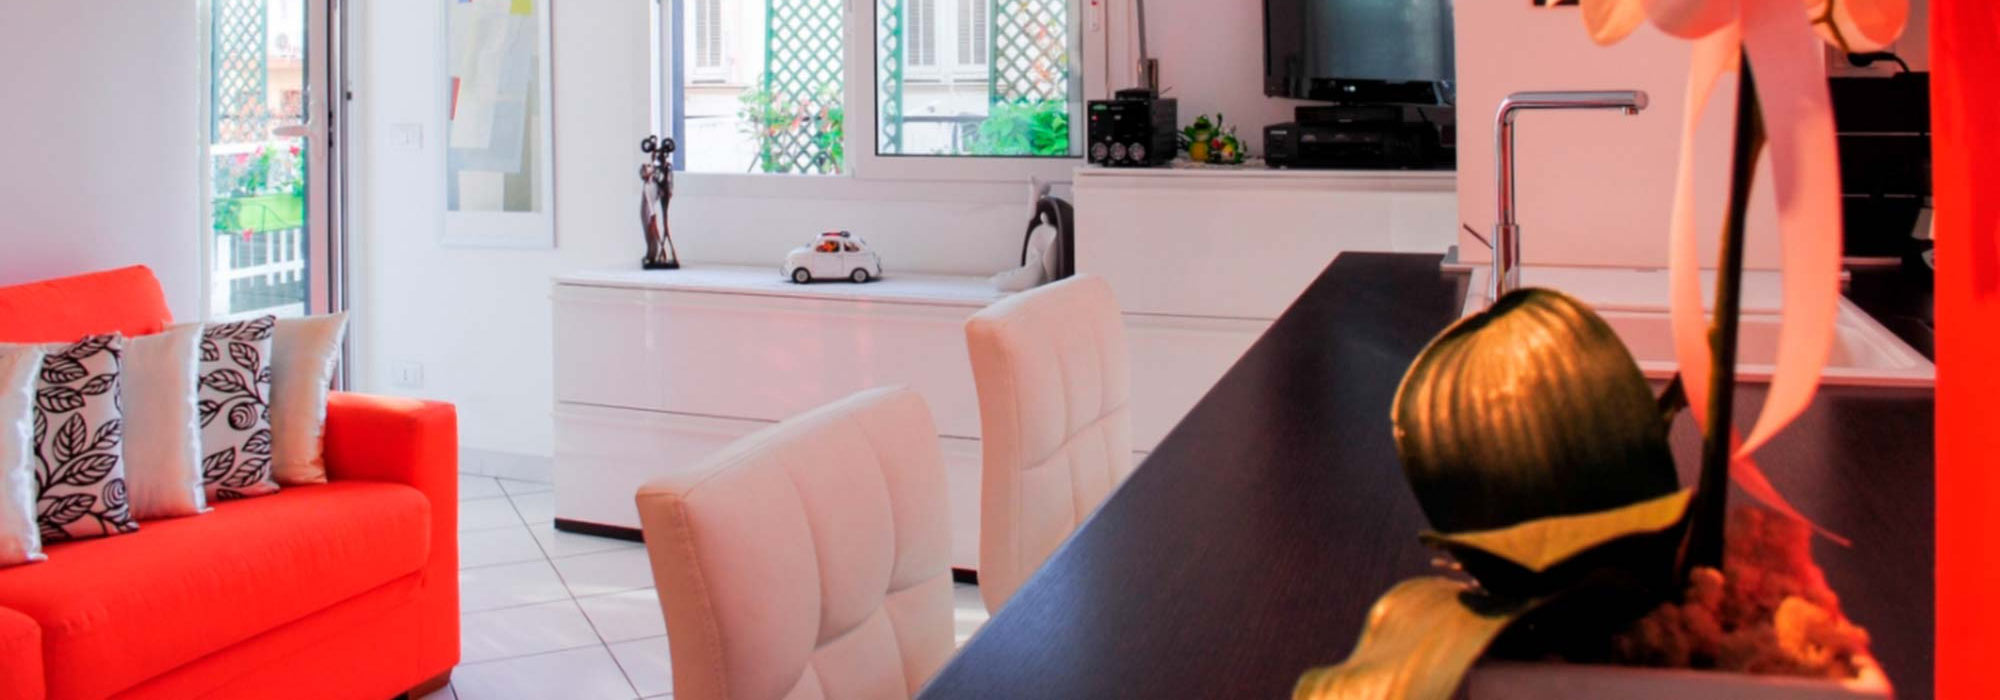 Sanremo vendita splendido appartamento con terrazza.